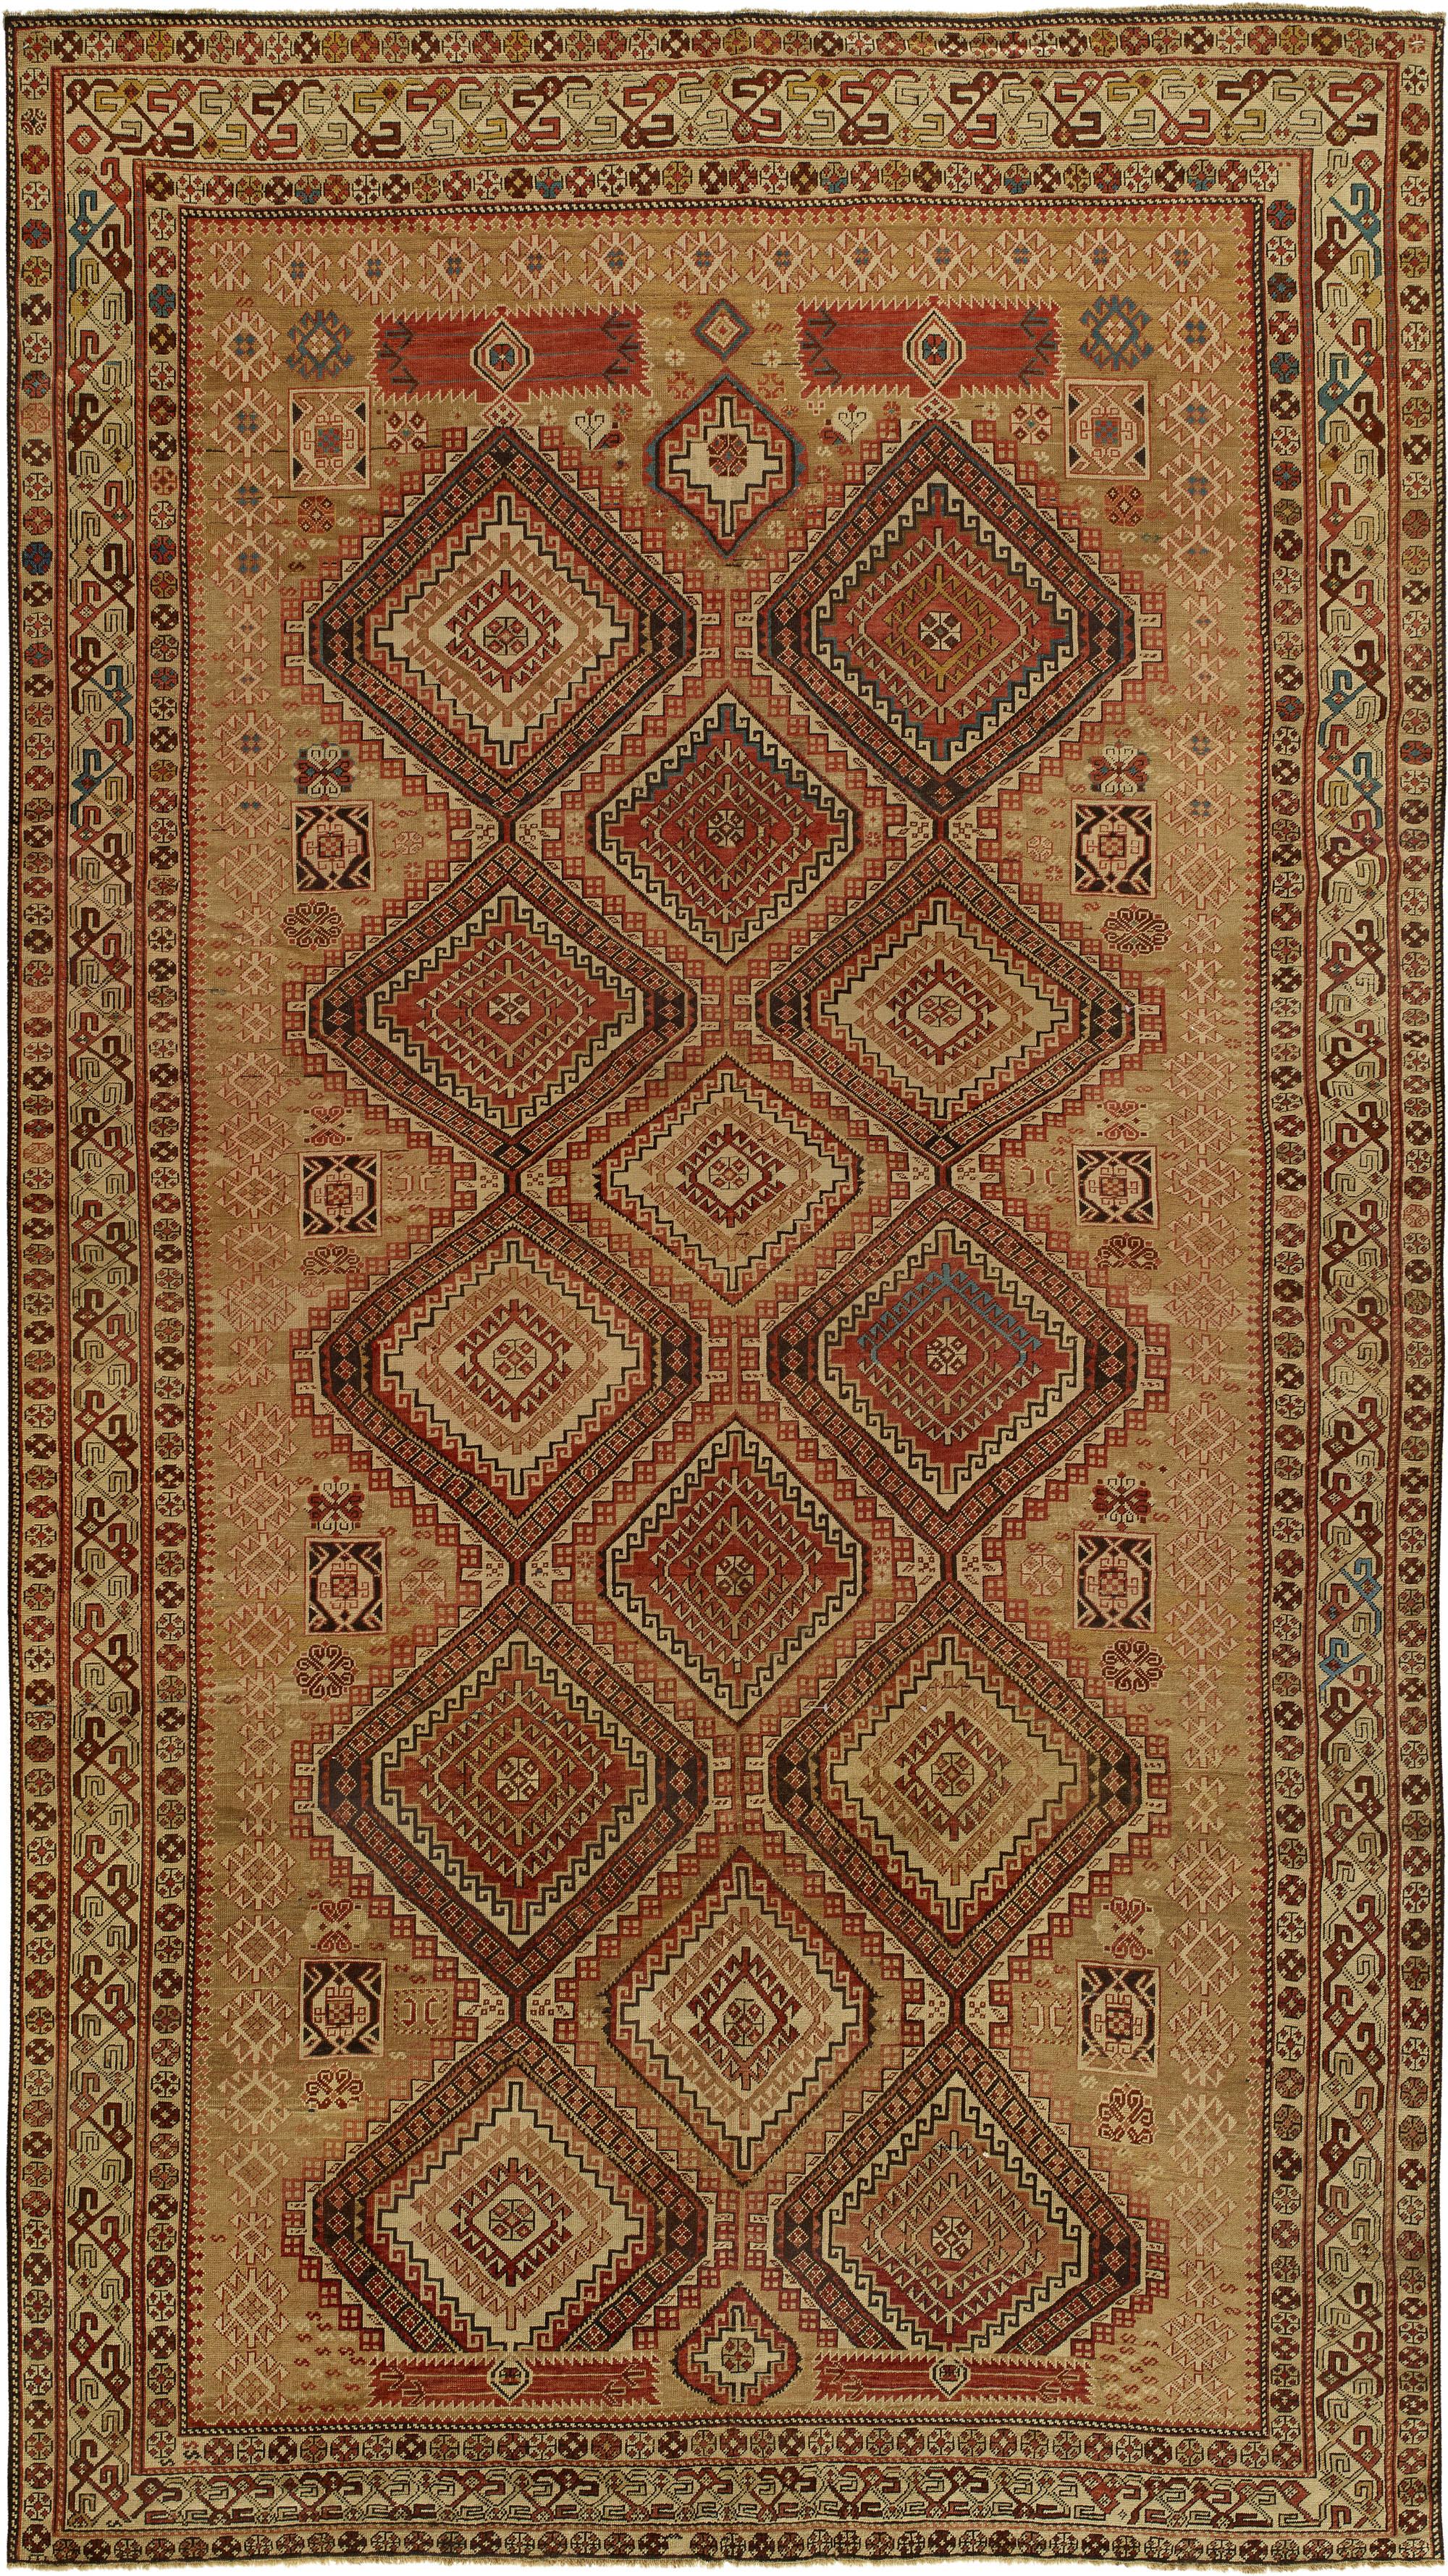 Antique Caucasian Rugs Amp Oriental Carpets For Sale Lowest